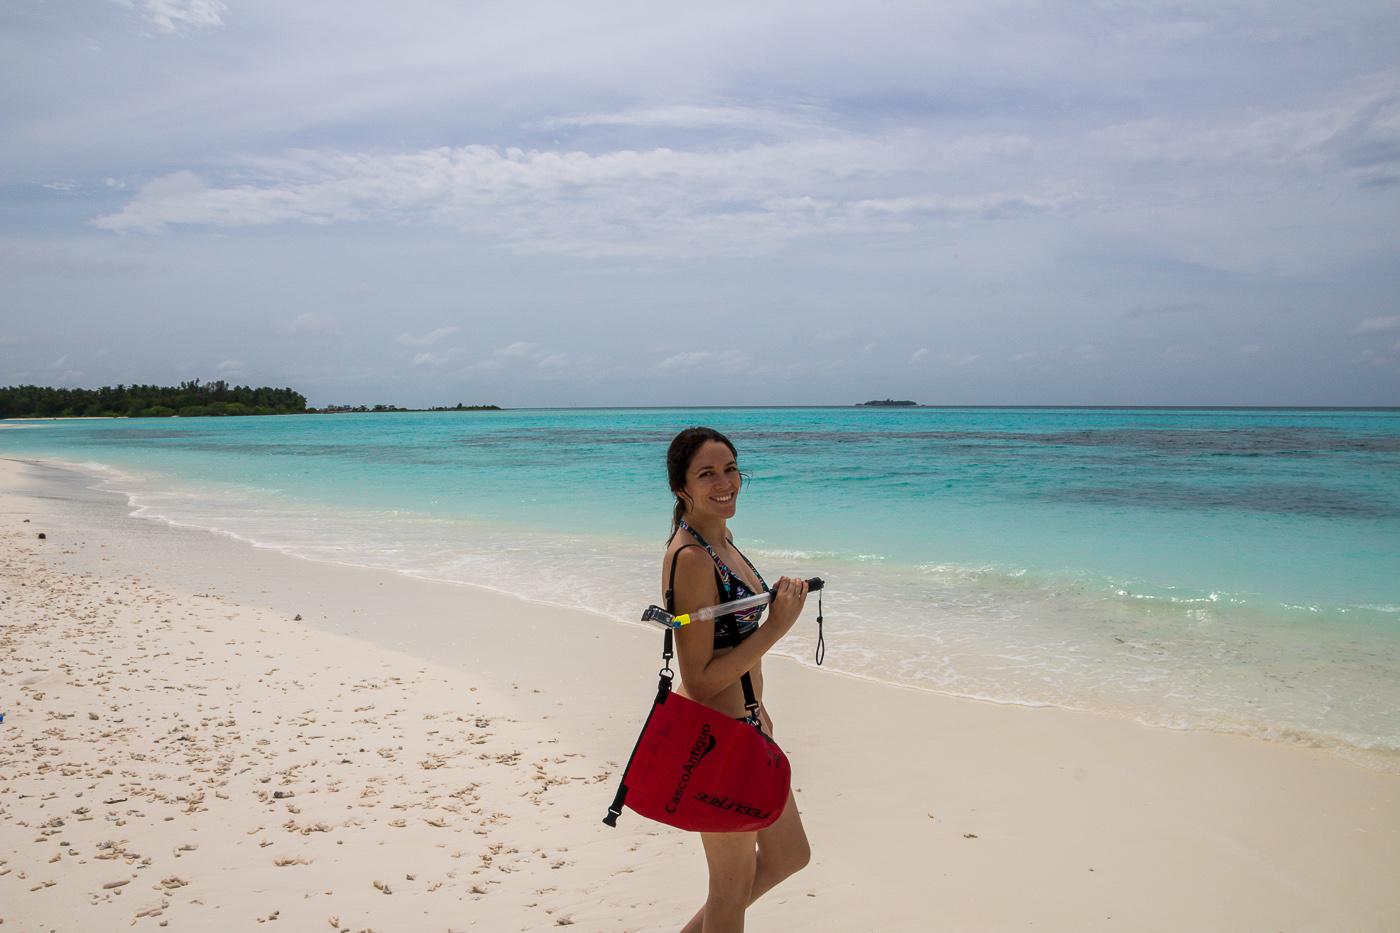 Carol remojada, tras llegar nadando a la picnic island. Mathiveri